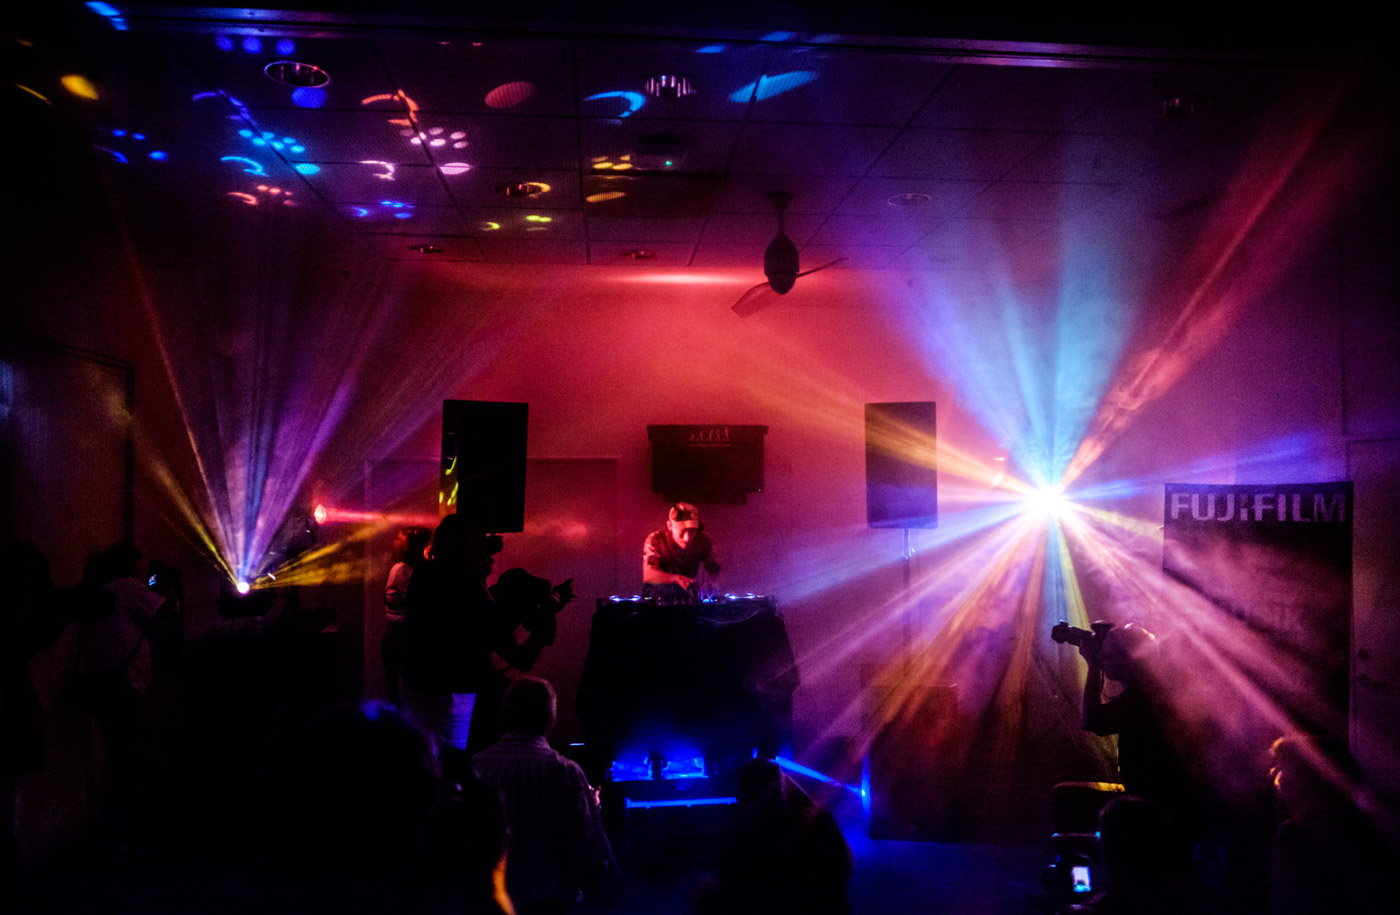 The Fujifilm Nightclub in full action!